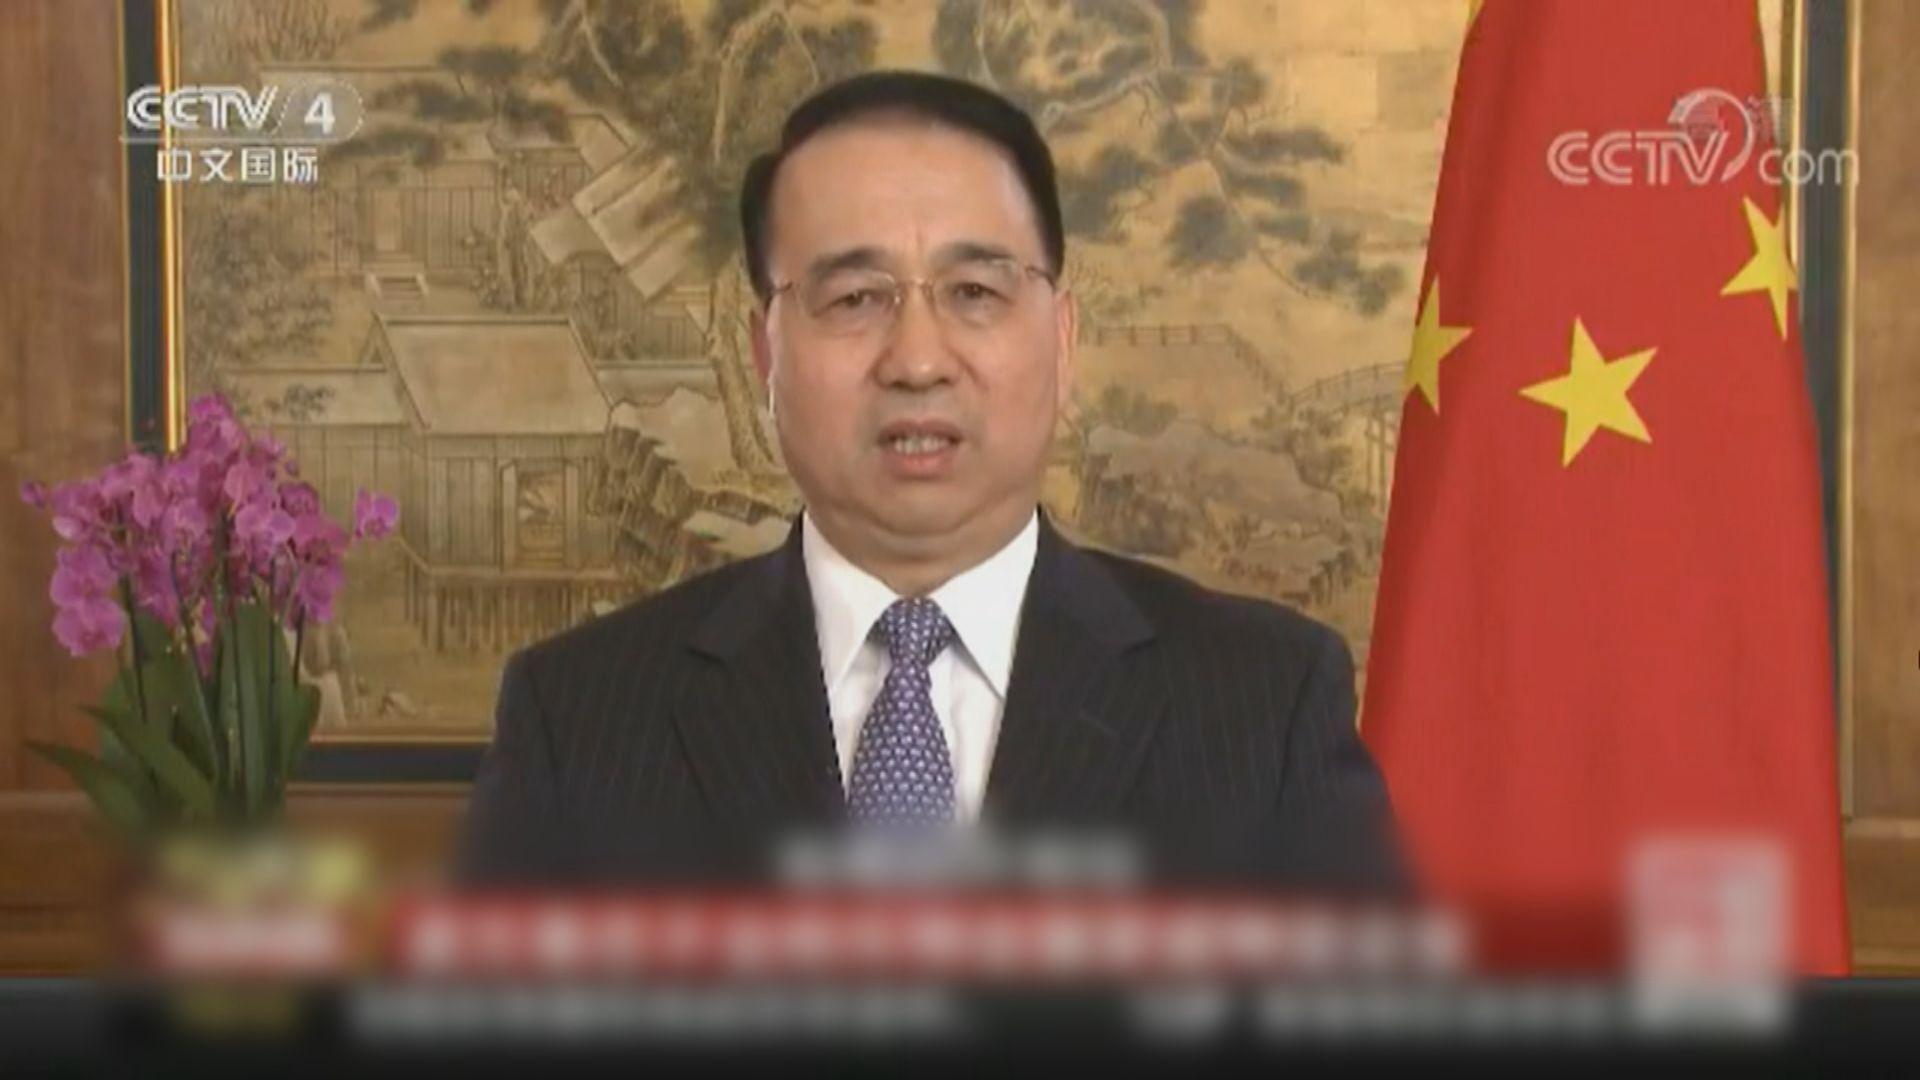 中央任命劉光源為外交部駐港公署特派員 接替謝鋒職務